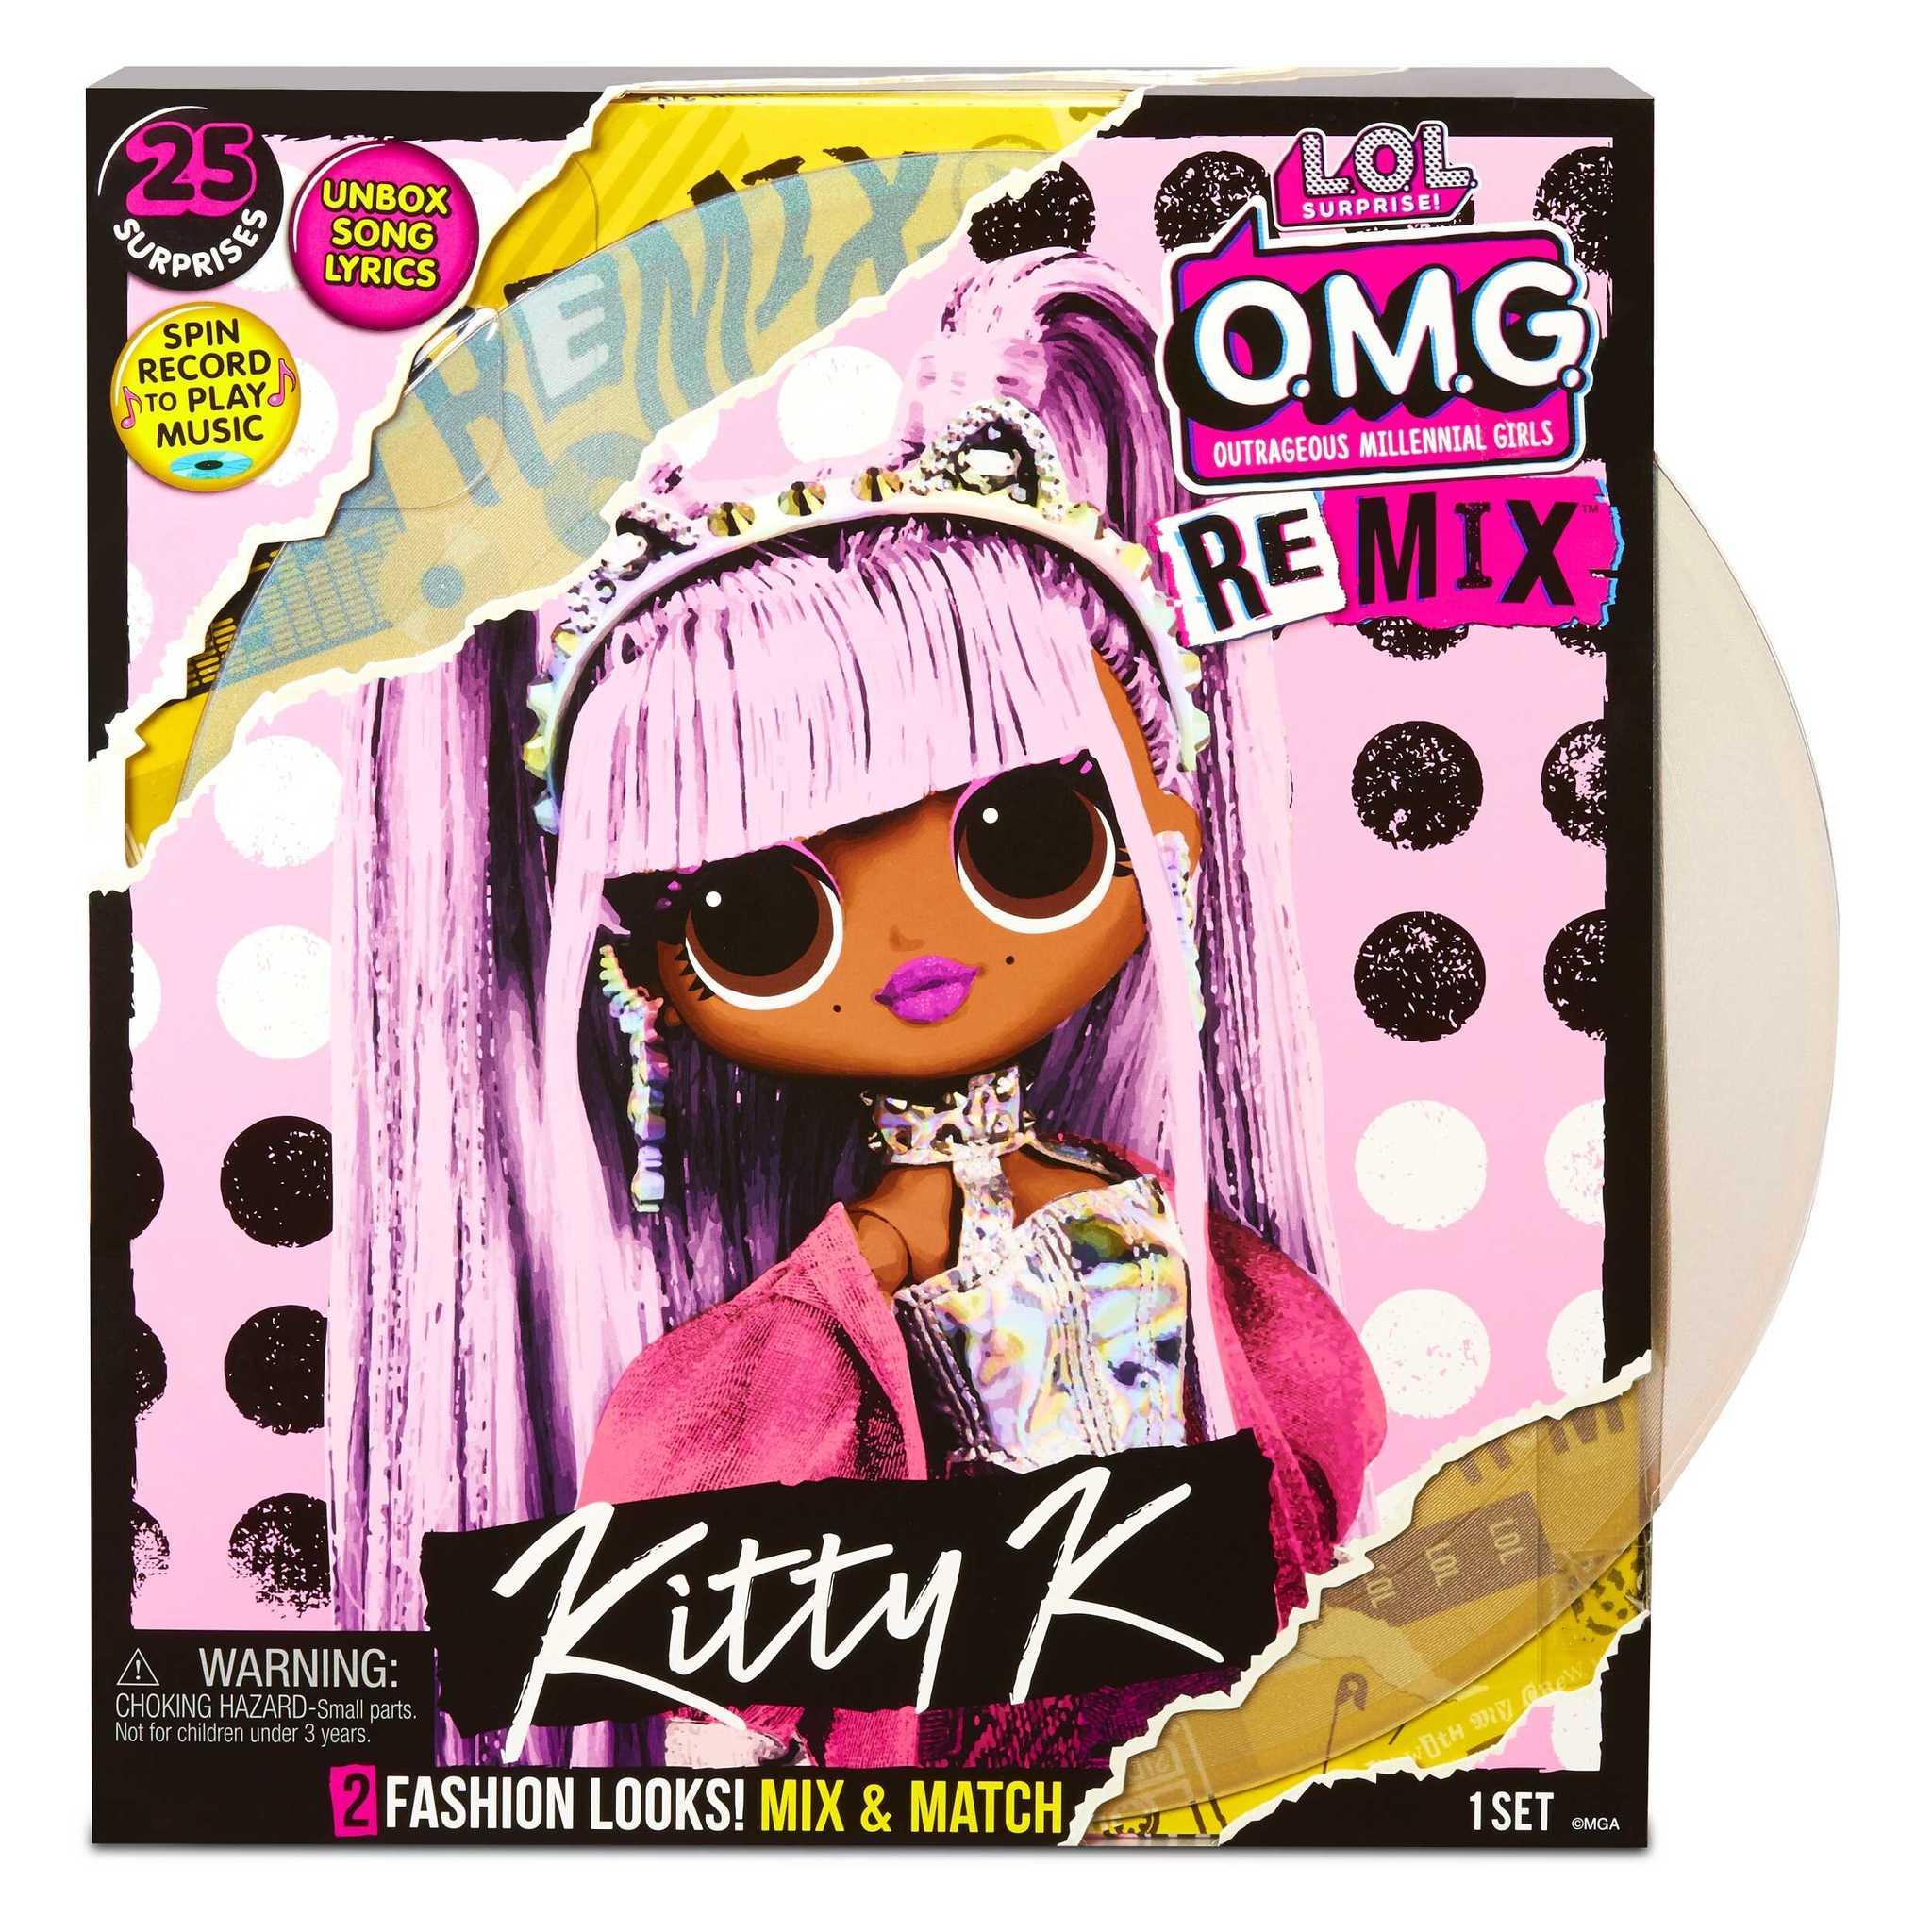 Кукла L.O.L. Surprise! O.M.G. Remix Kitty K Fashion Doll, 567240